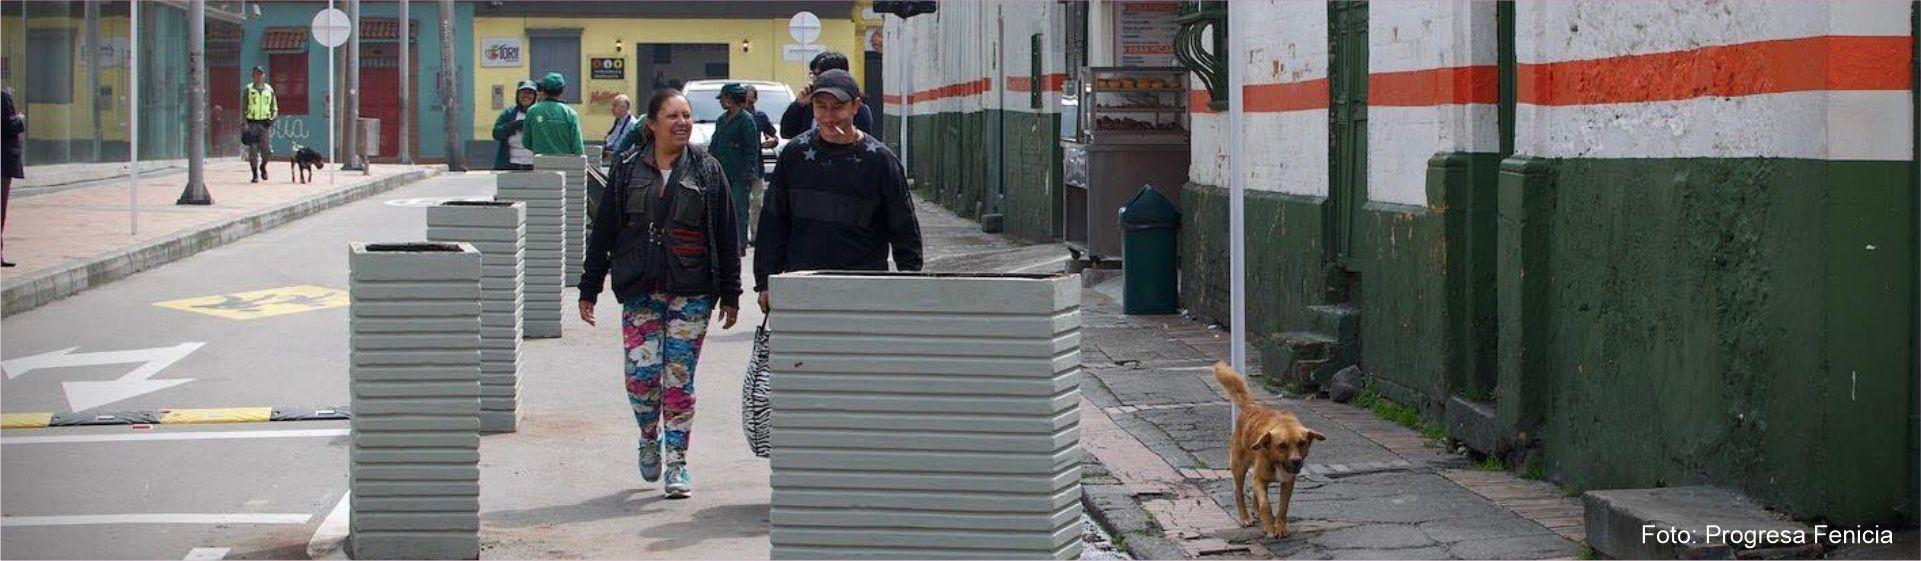 Ciudades sustentables y la gestión de residuos: aplicaciones en Progresa Fenicia- Cider | Uniandes